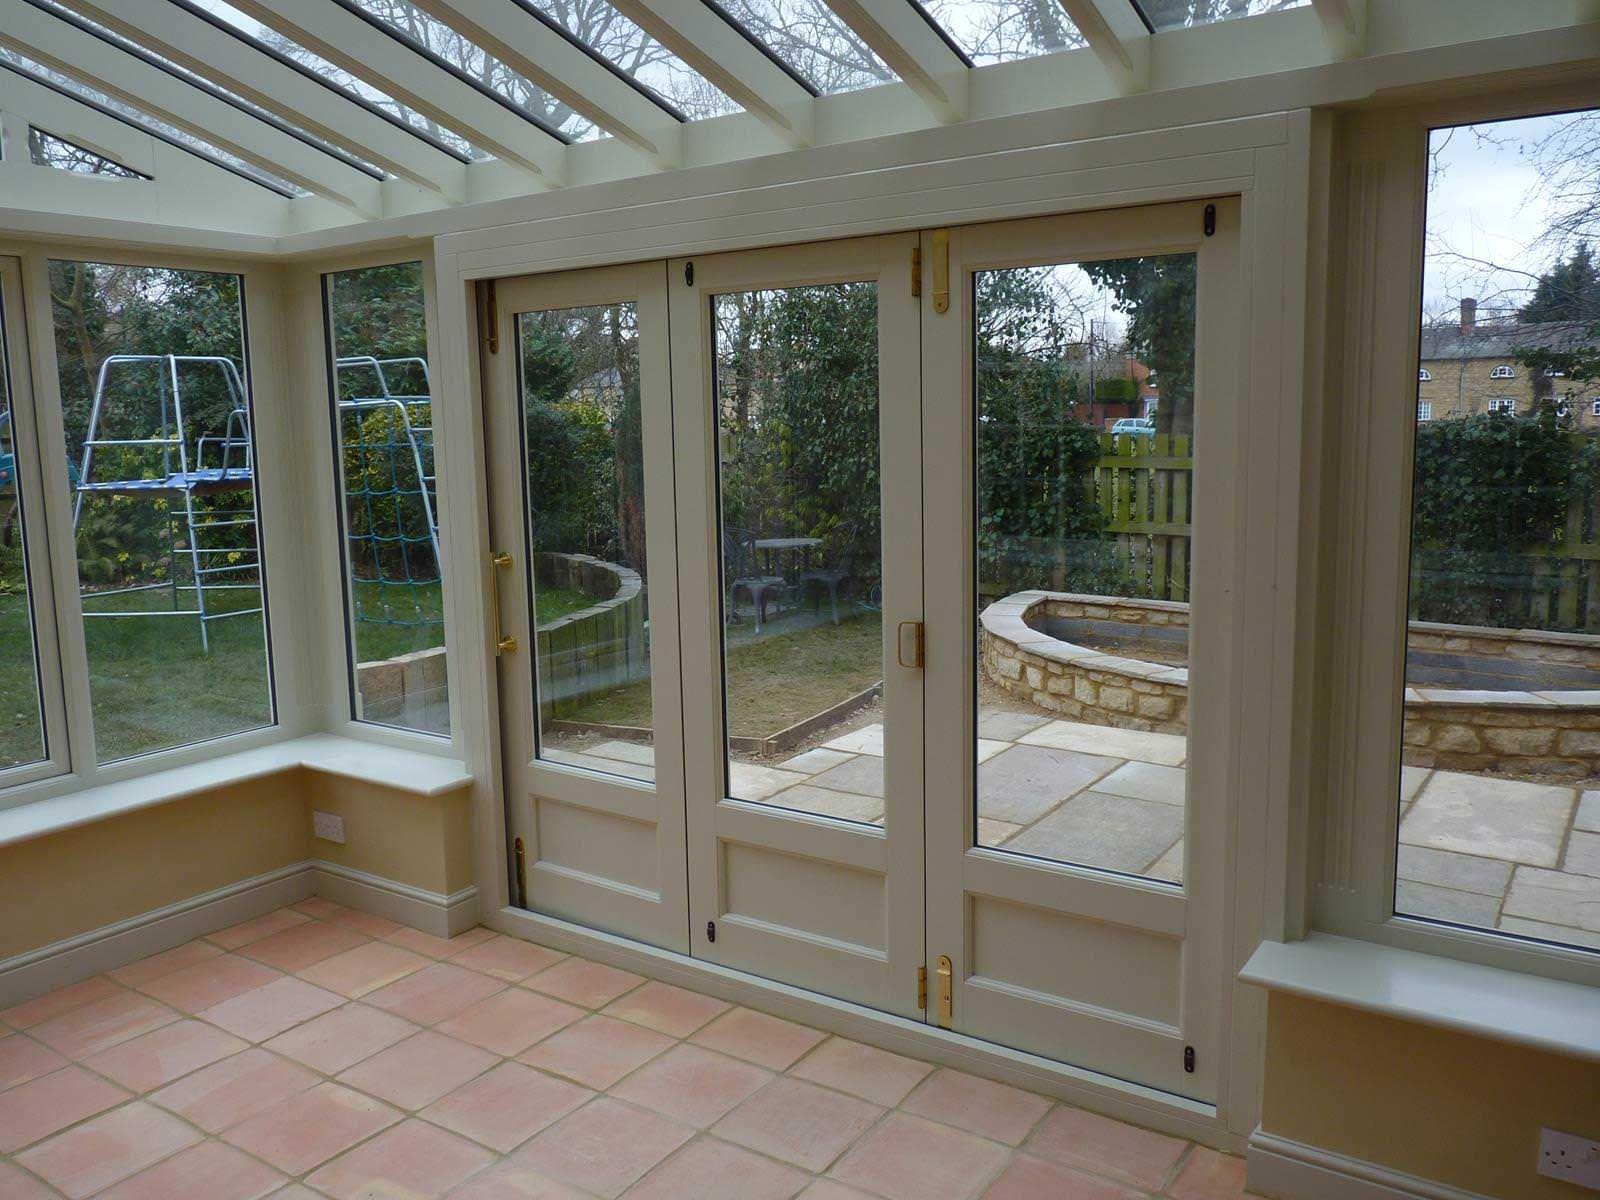 Bifold Doors Solarium Rooms Pinterest Solarium Room Doors And